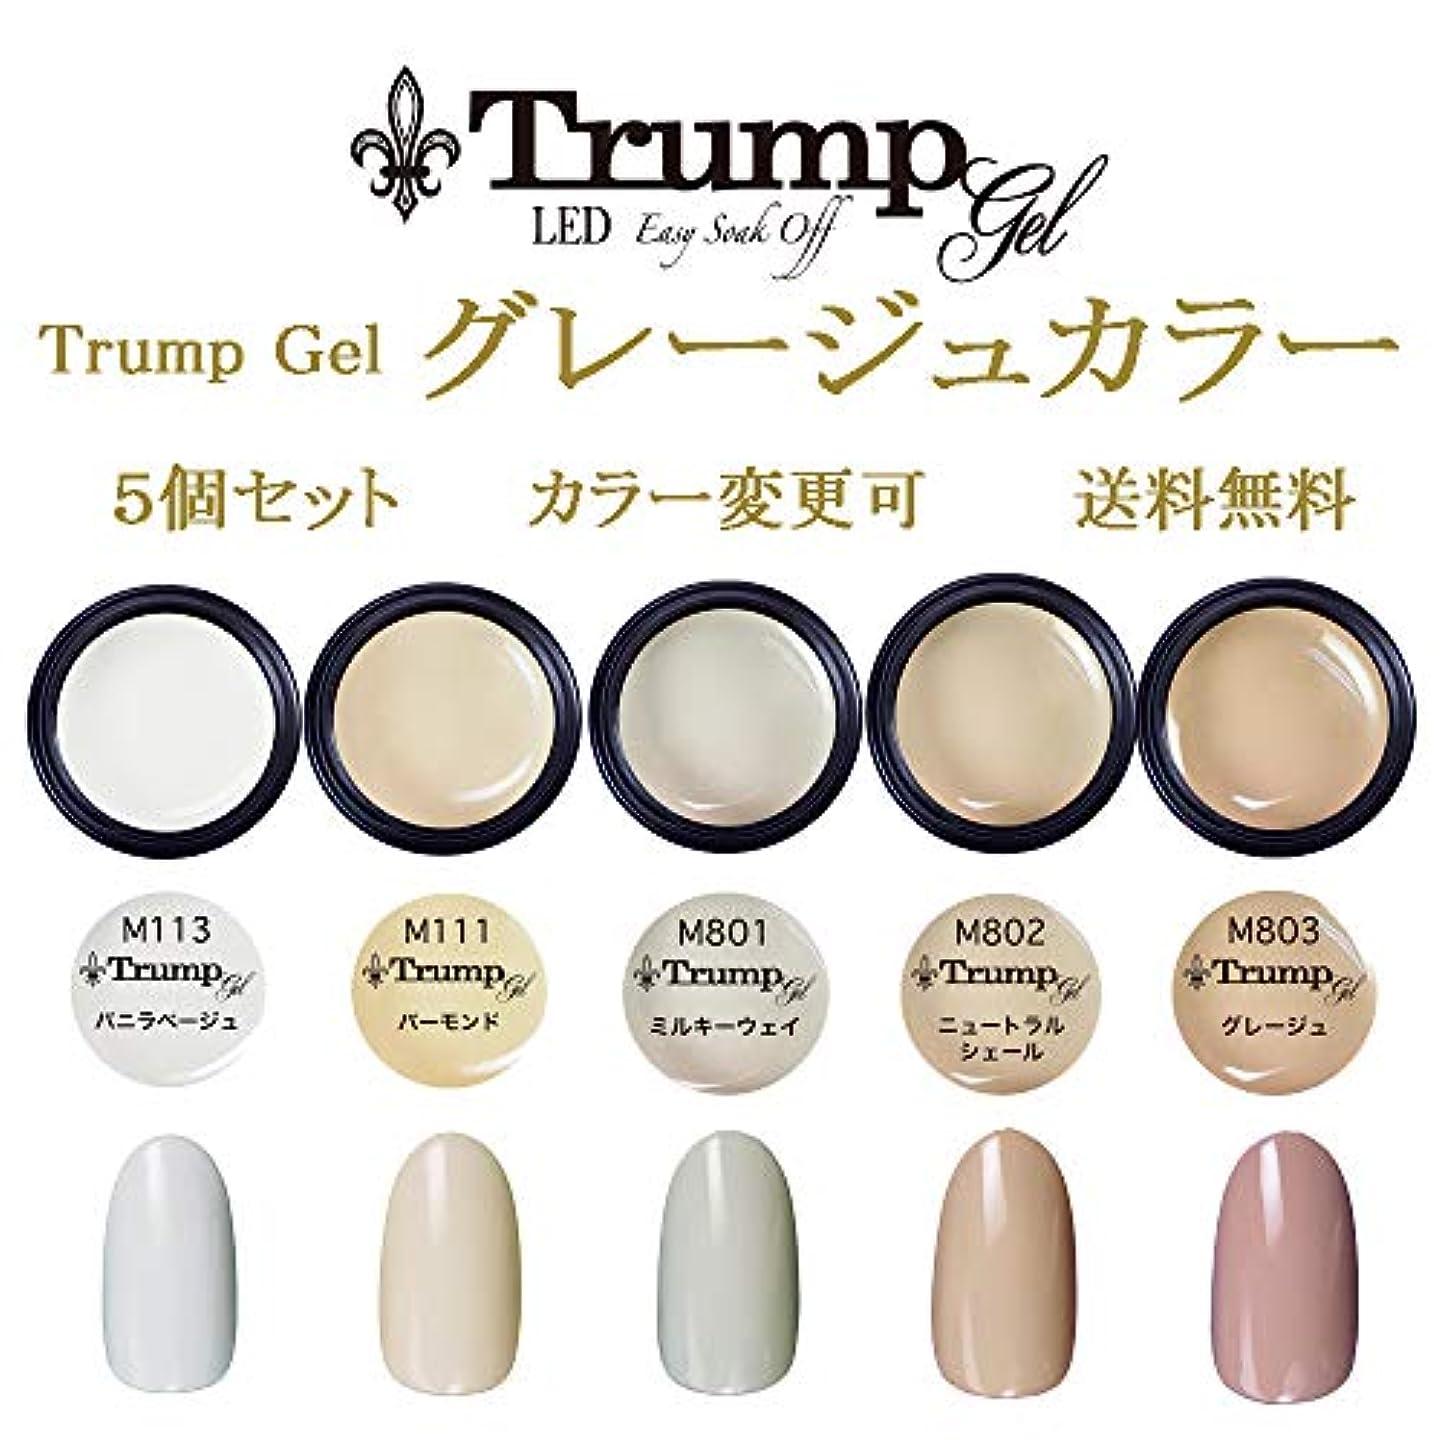 カウンターパート合併症行商日本製 Trump gel トランプジェル グレージュカラー 選べる カラージェル 5個セット ホワイト ベージュ ピンク スモーク